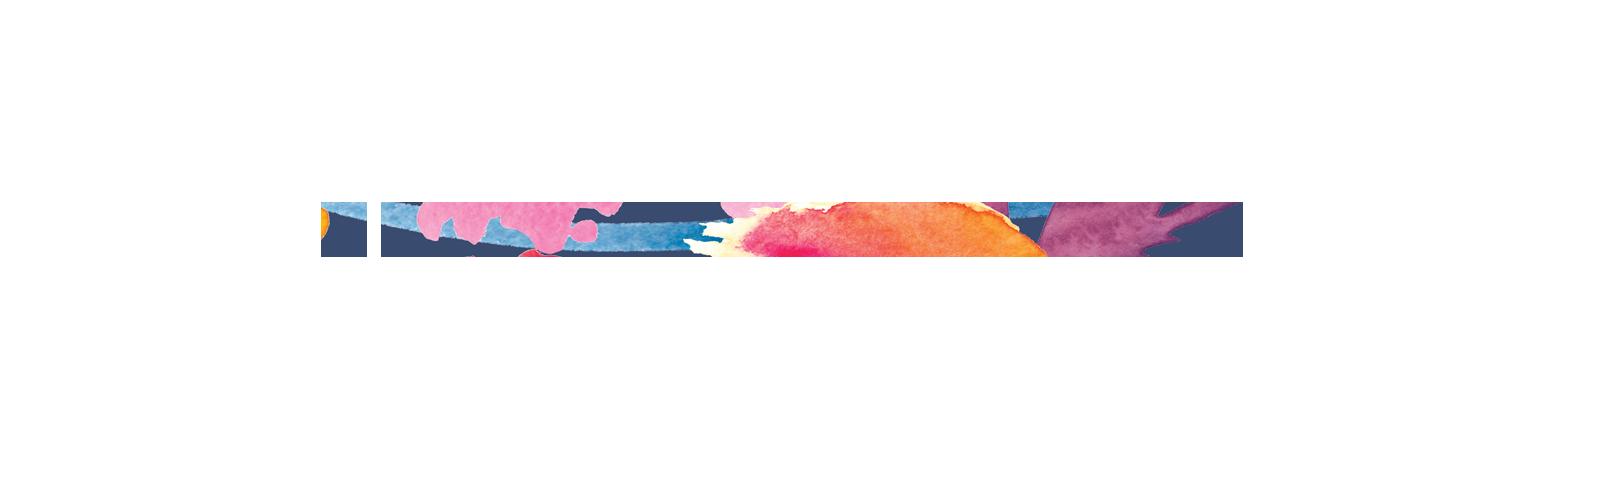 the full shebang